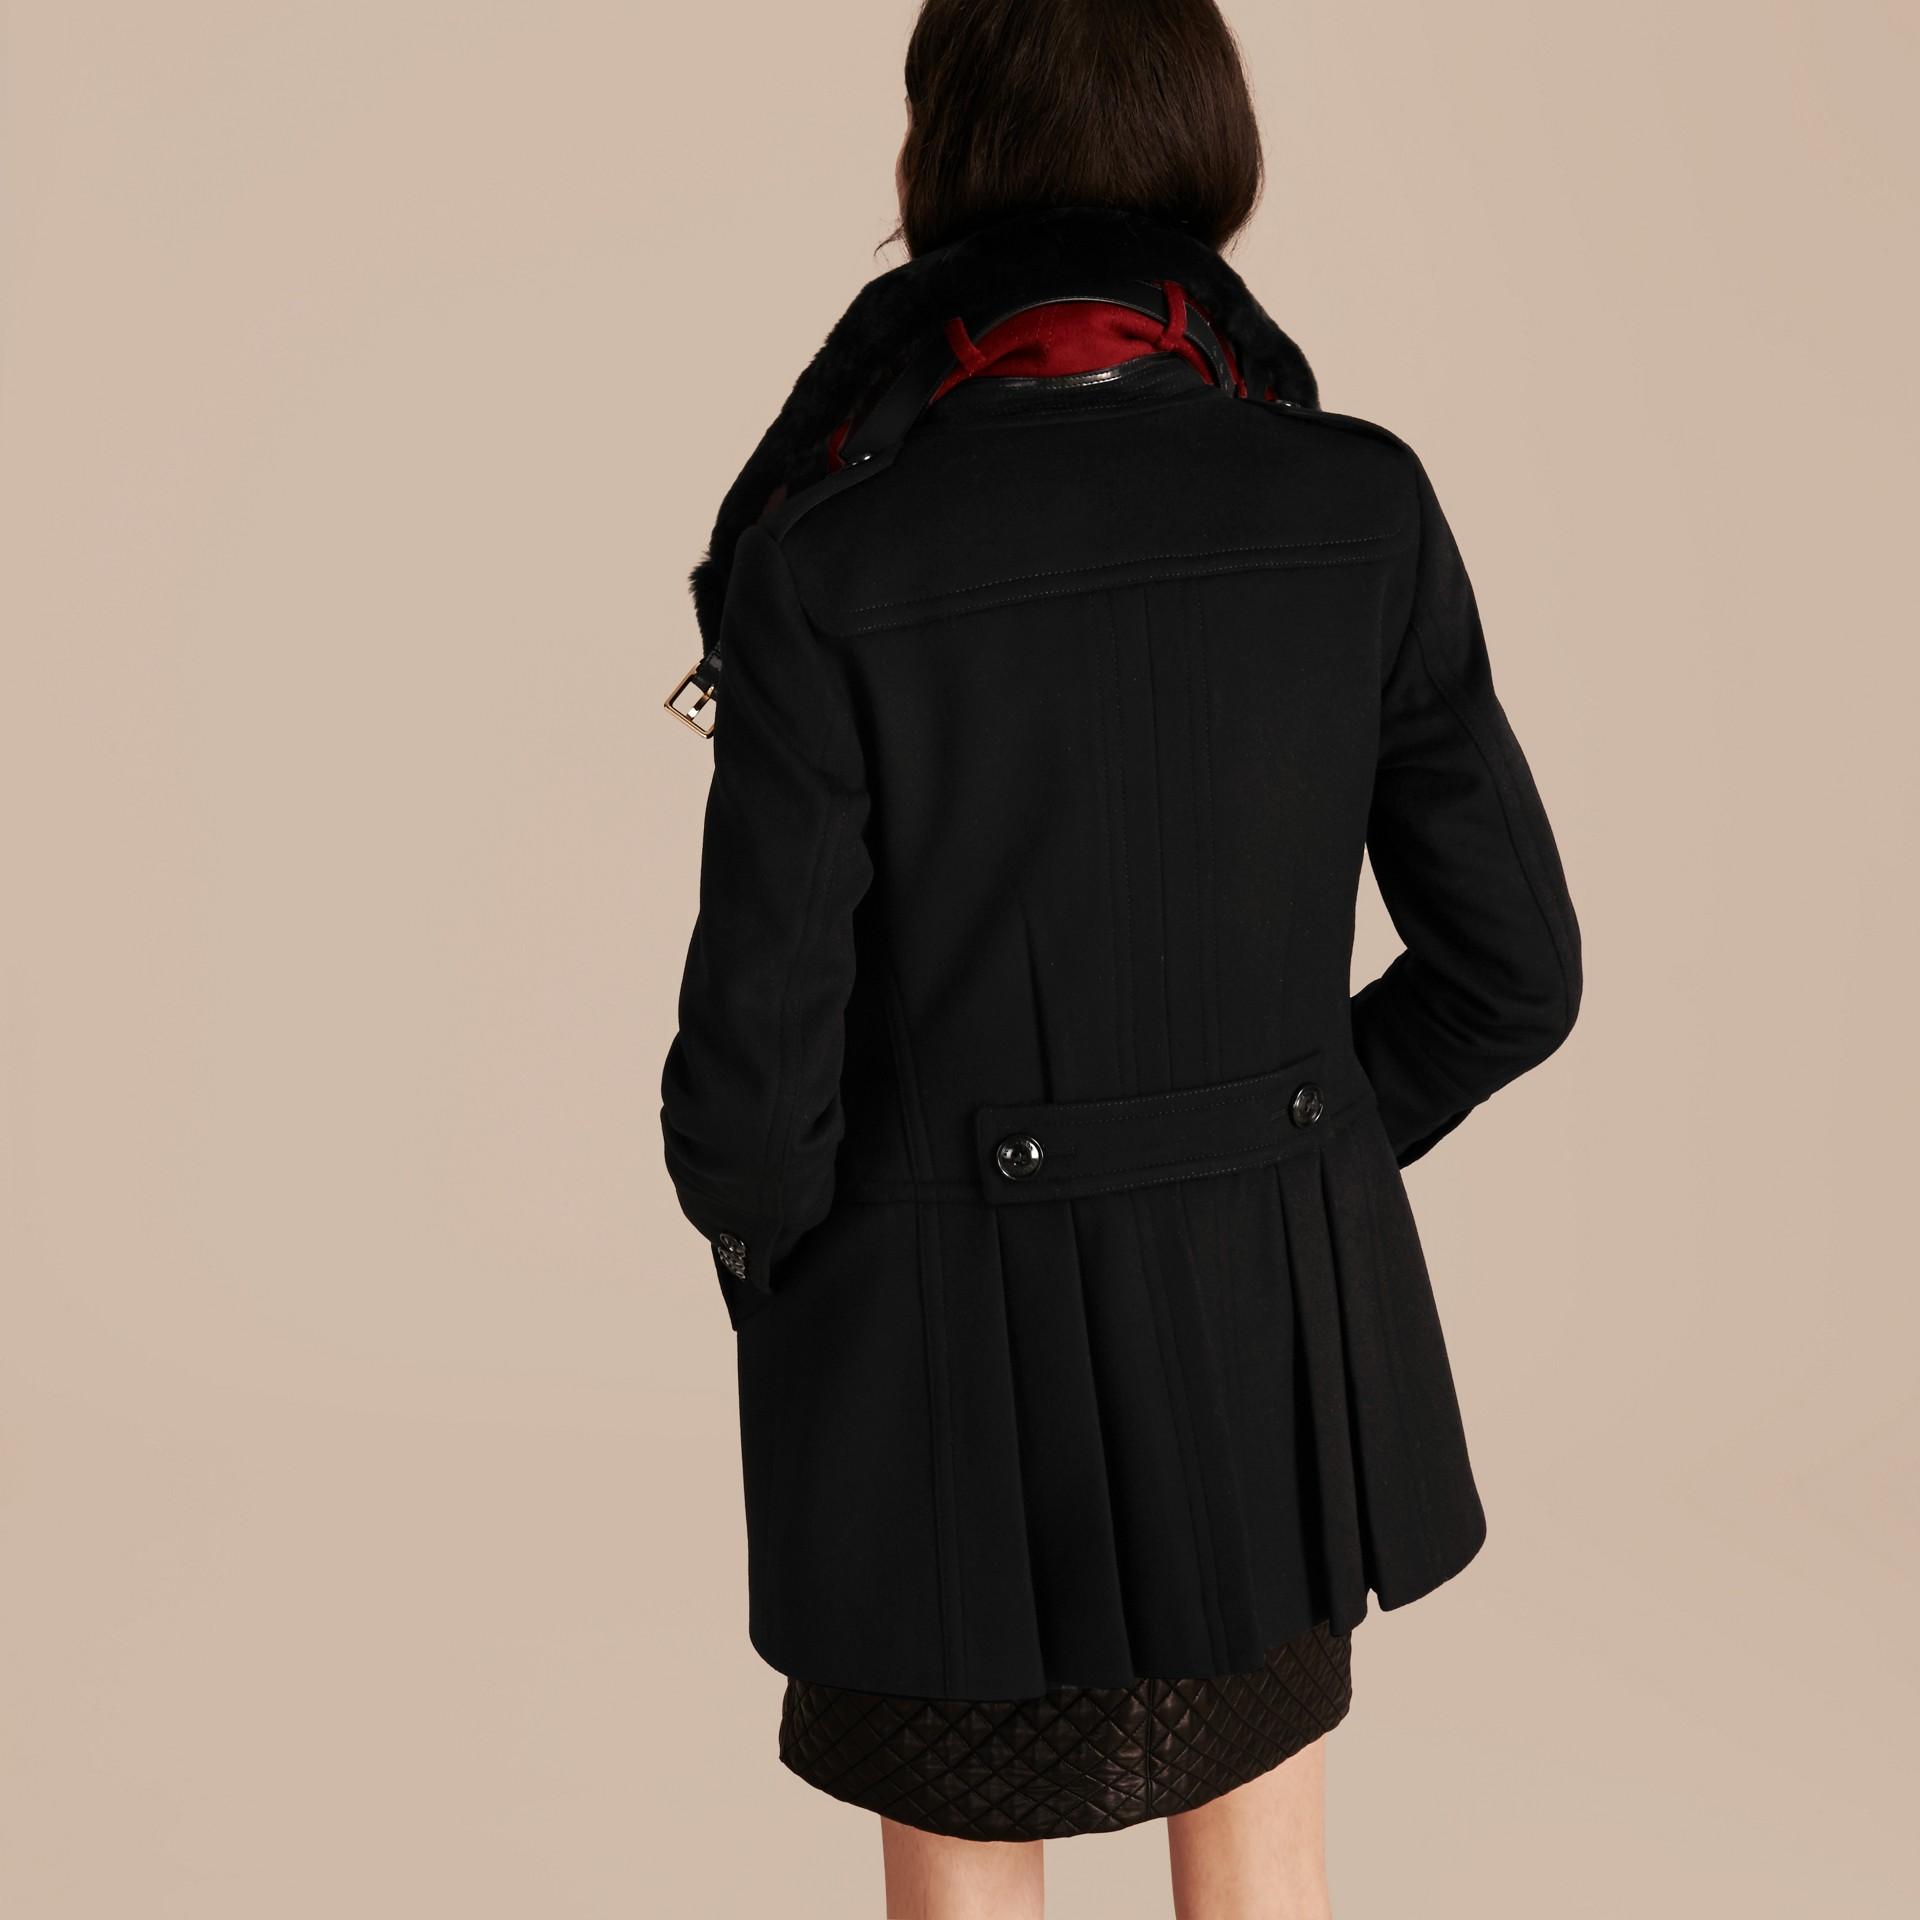 Nero Pea coat in lana e cashmere con collo amovibile in pelliccia - immagine della galleria 3